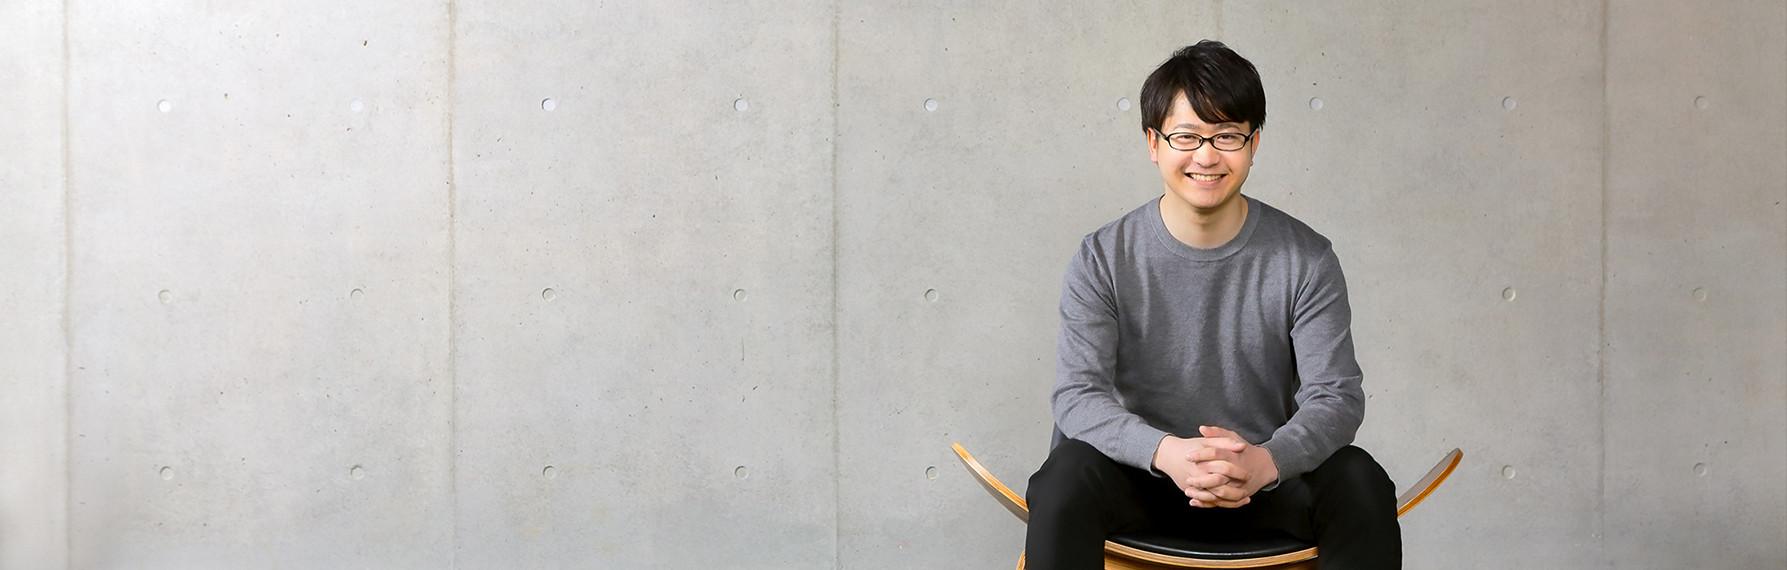 movic香港ゼネラルマネージャー 2016入社 / 新卒採用 斎藤裕子 期待の斜め上を越えていく実験的な場づくり